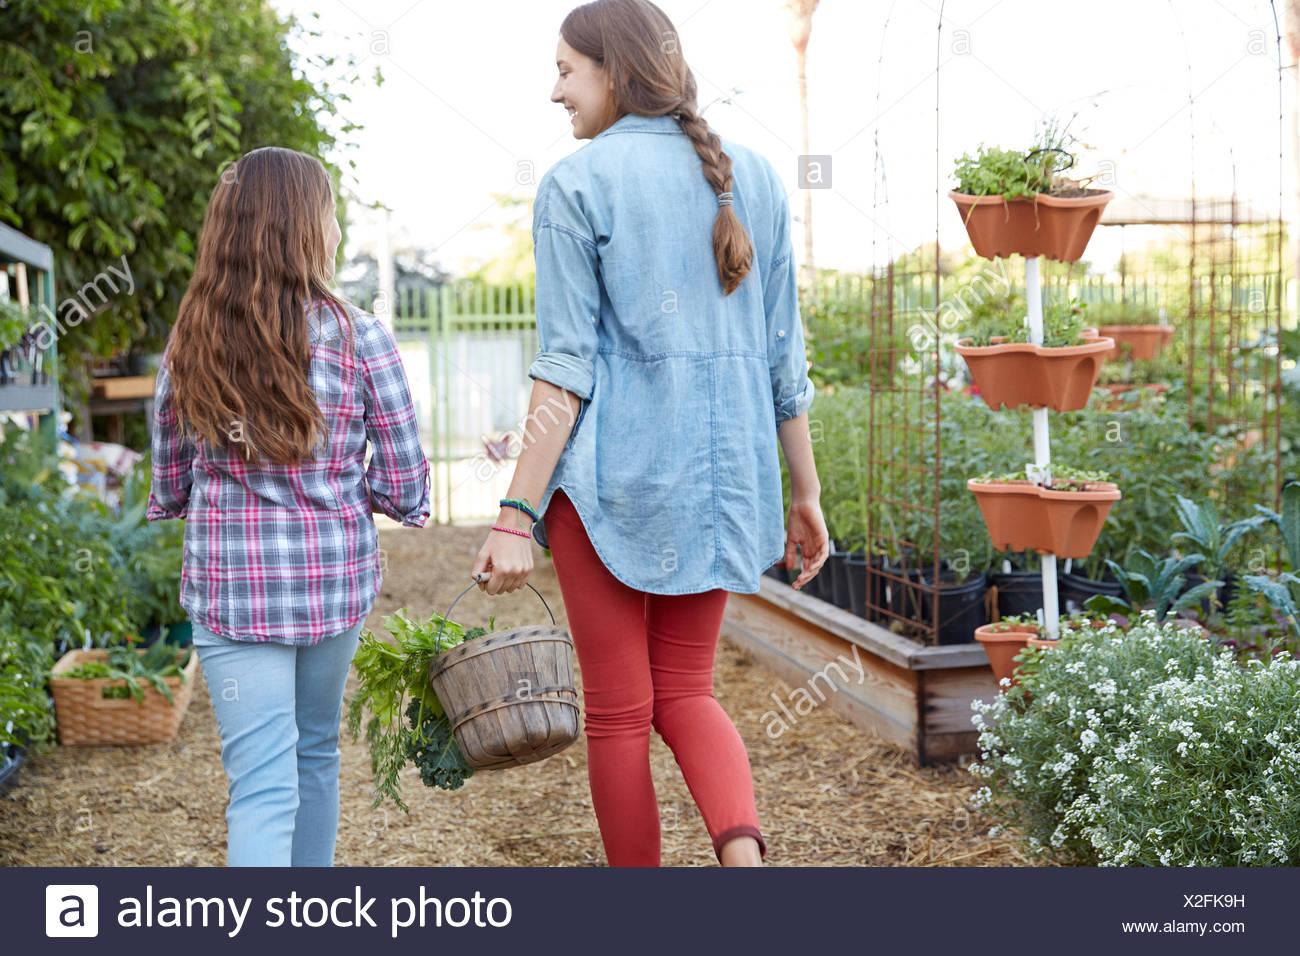 Hermanas latinas cosechando vegetales en el jardín Imagen De Stock